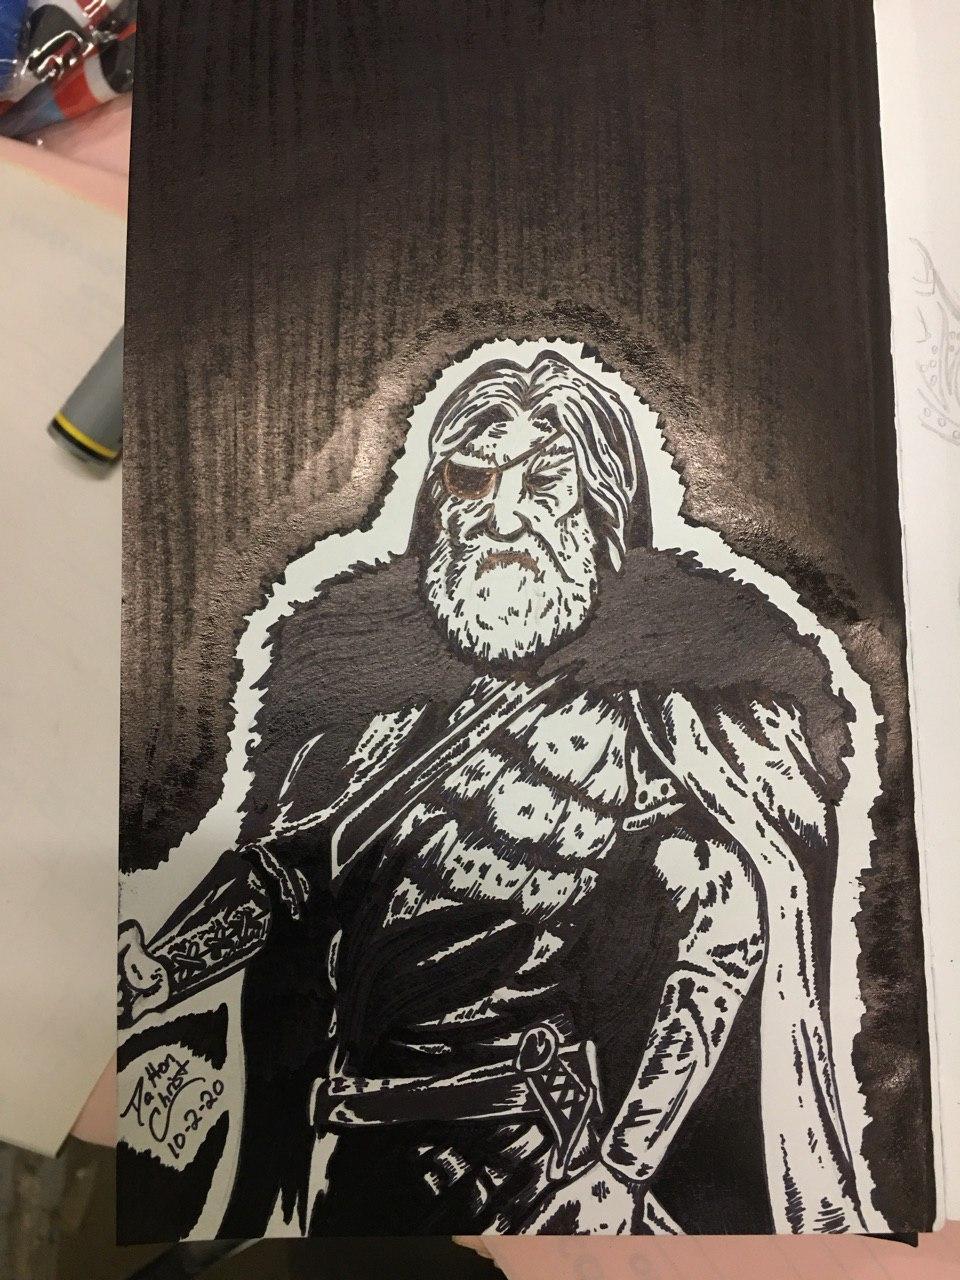 Odin, Inktober 2020, Day 2